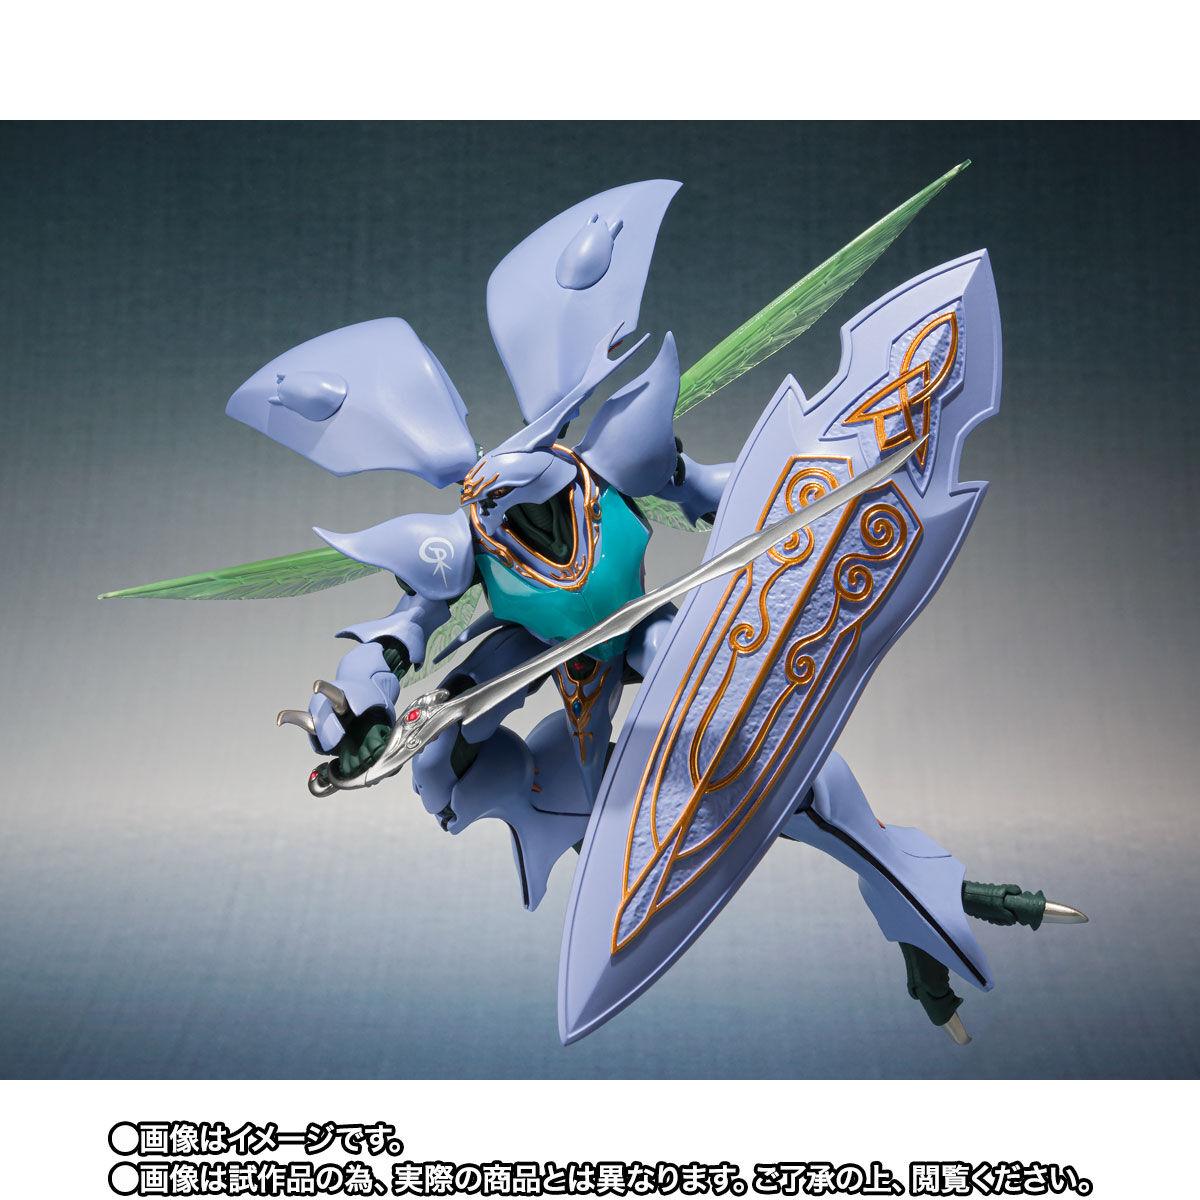 【限定販売】ROBOT魂〈SIDE AB〉『サーバイン(AURA FHANTASM)』可動フィギュア-006